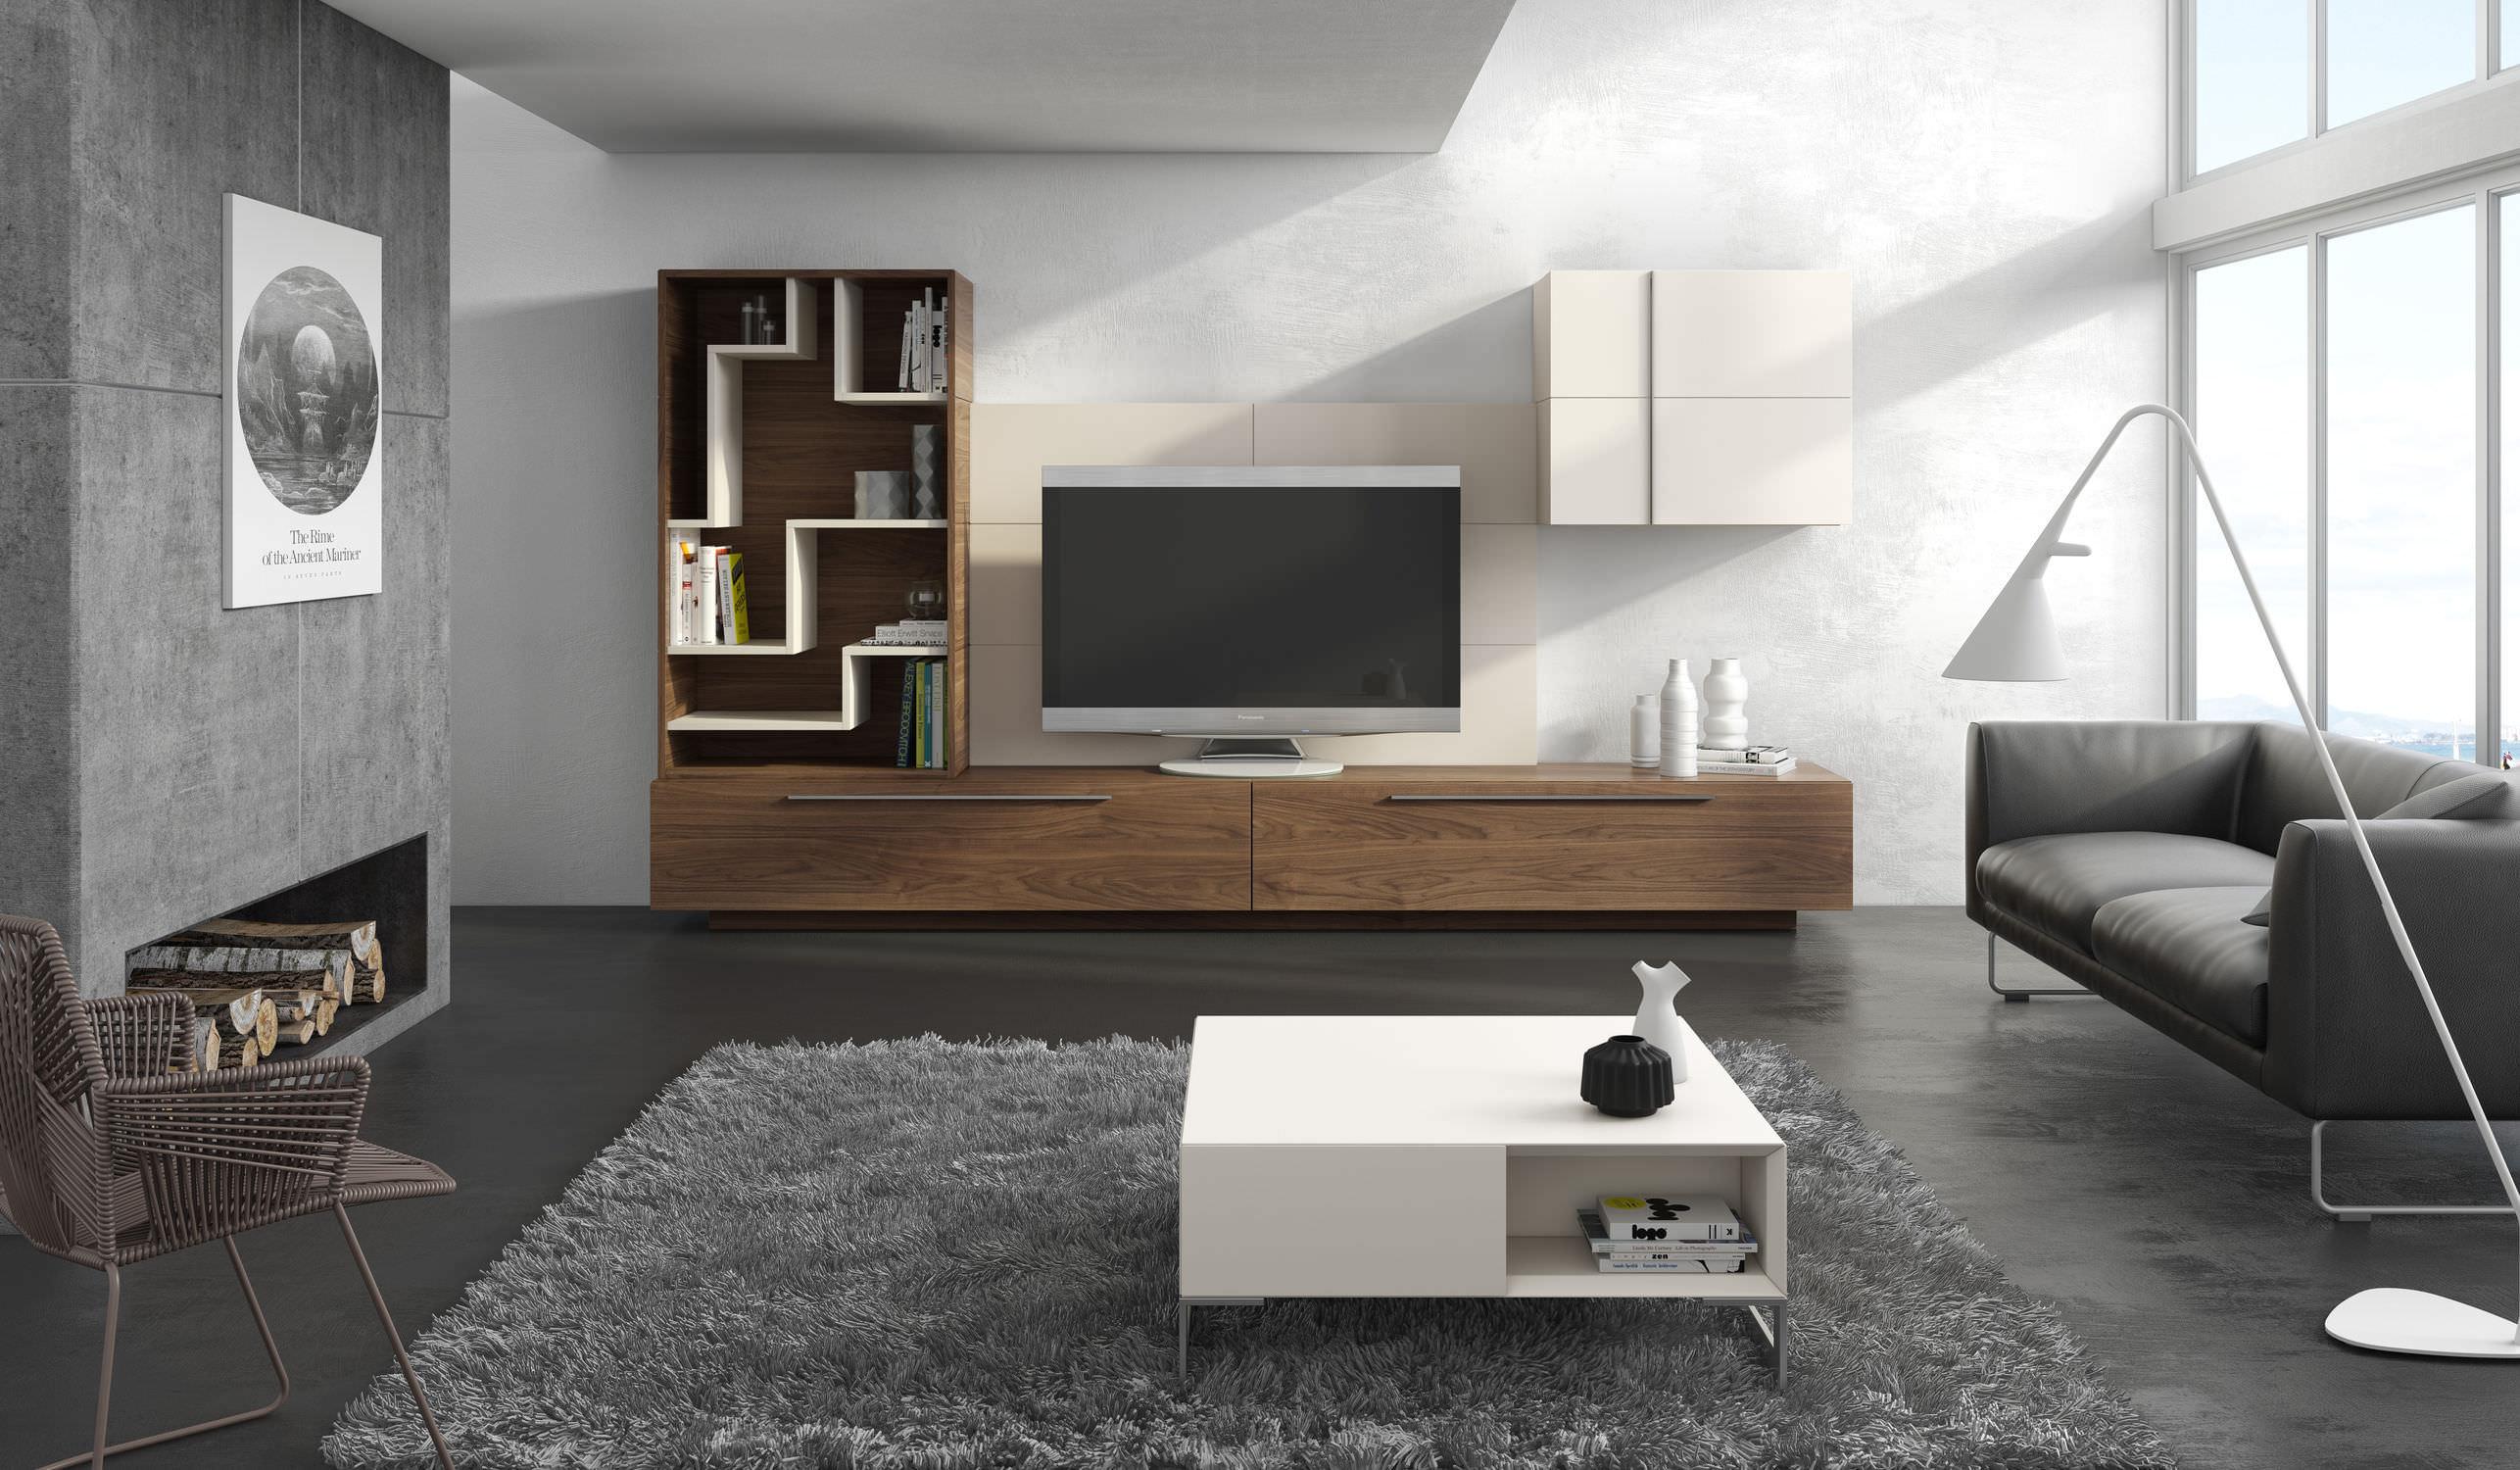 Meuble tele contemporain Maison et mobilier d intérieur